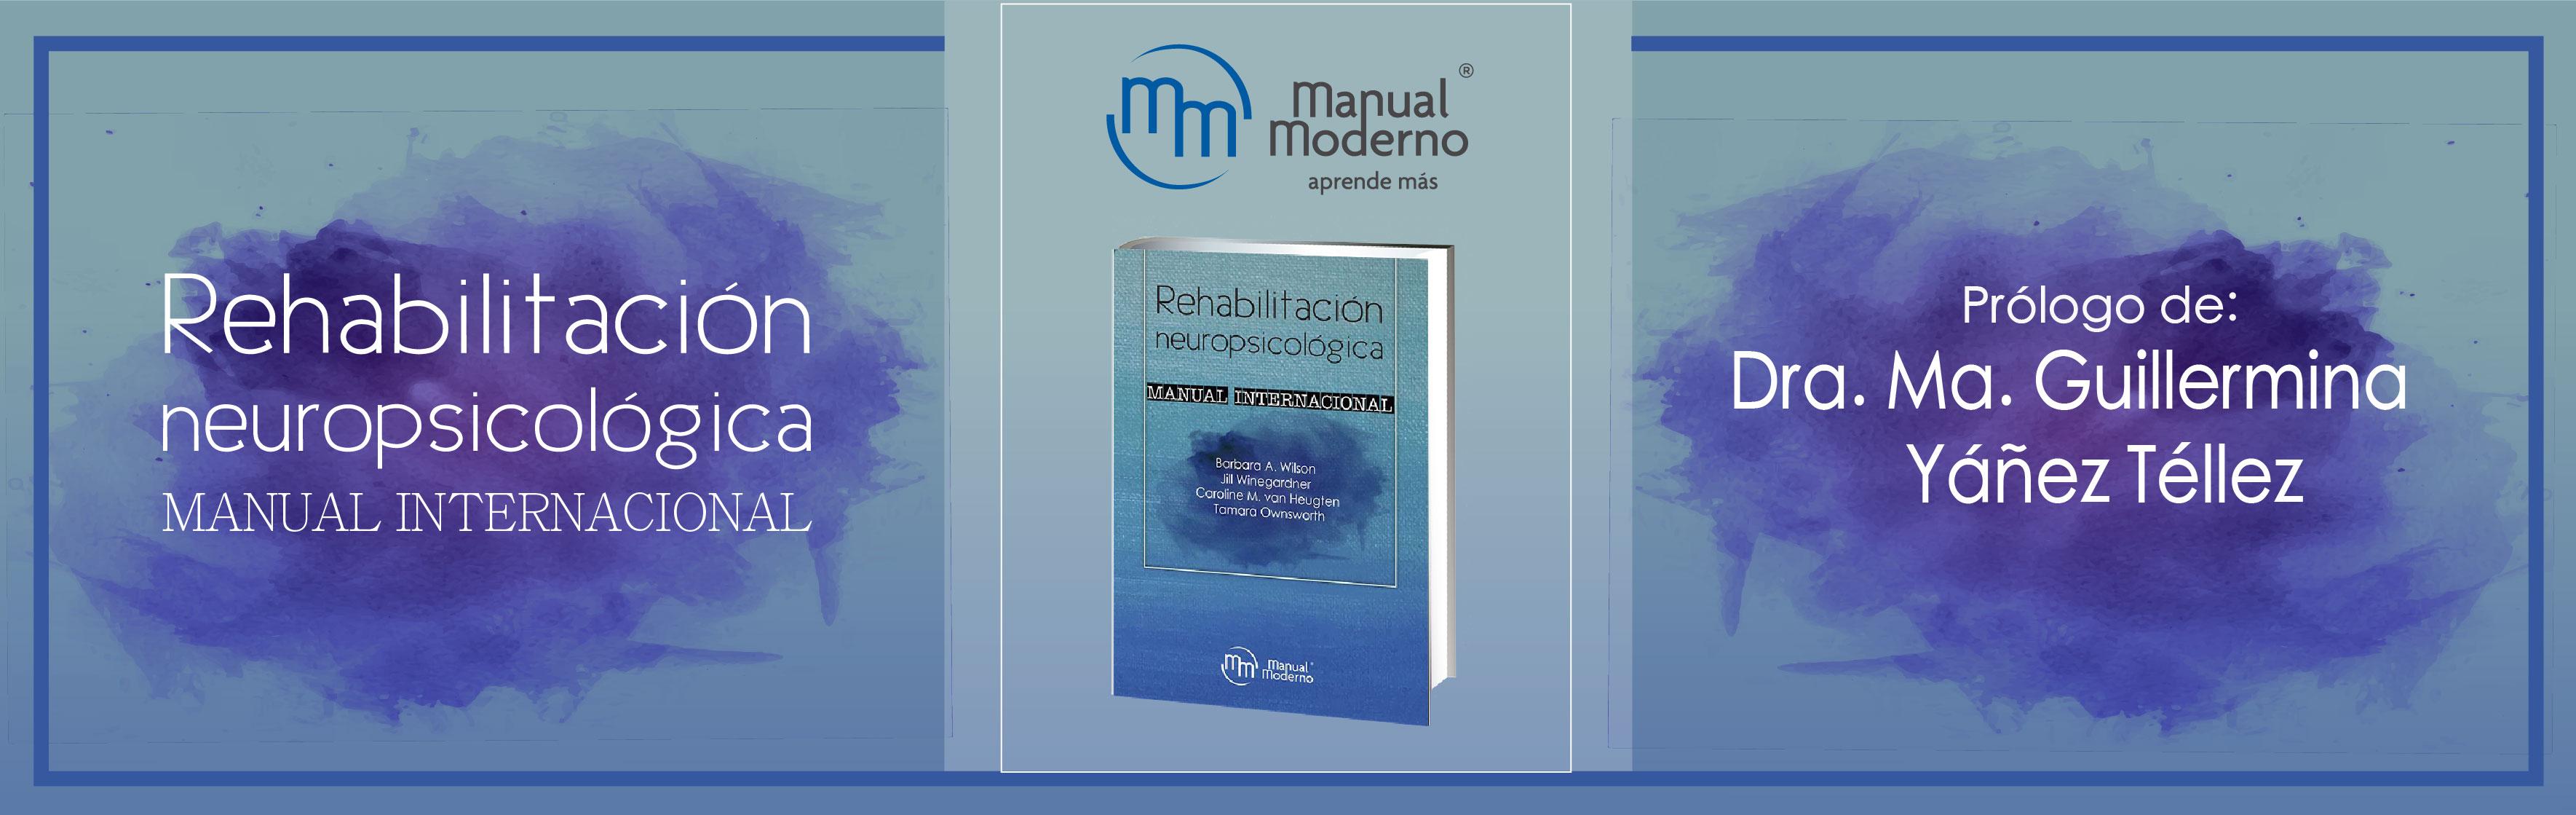 Prólogo de la obra: Rehabilitación neuropsicológica. Manual internacional